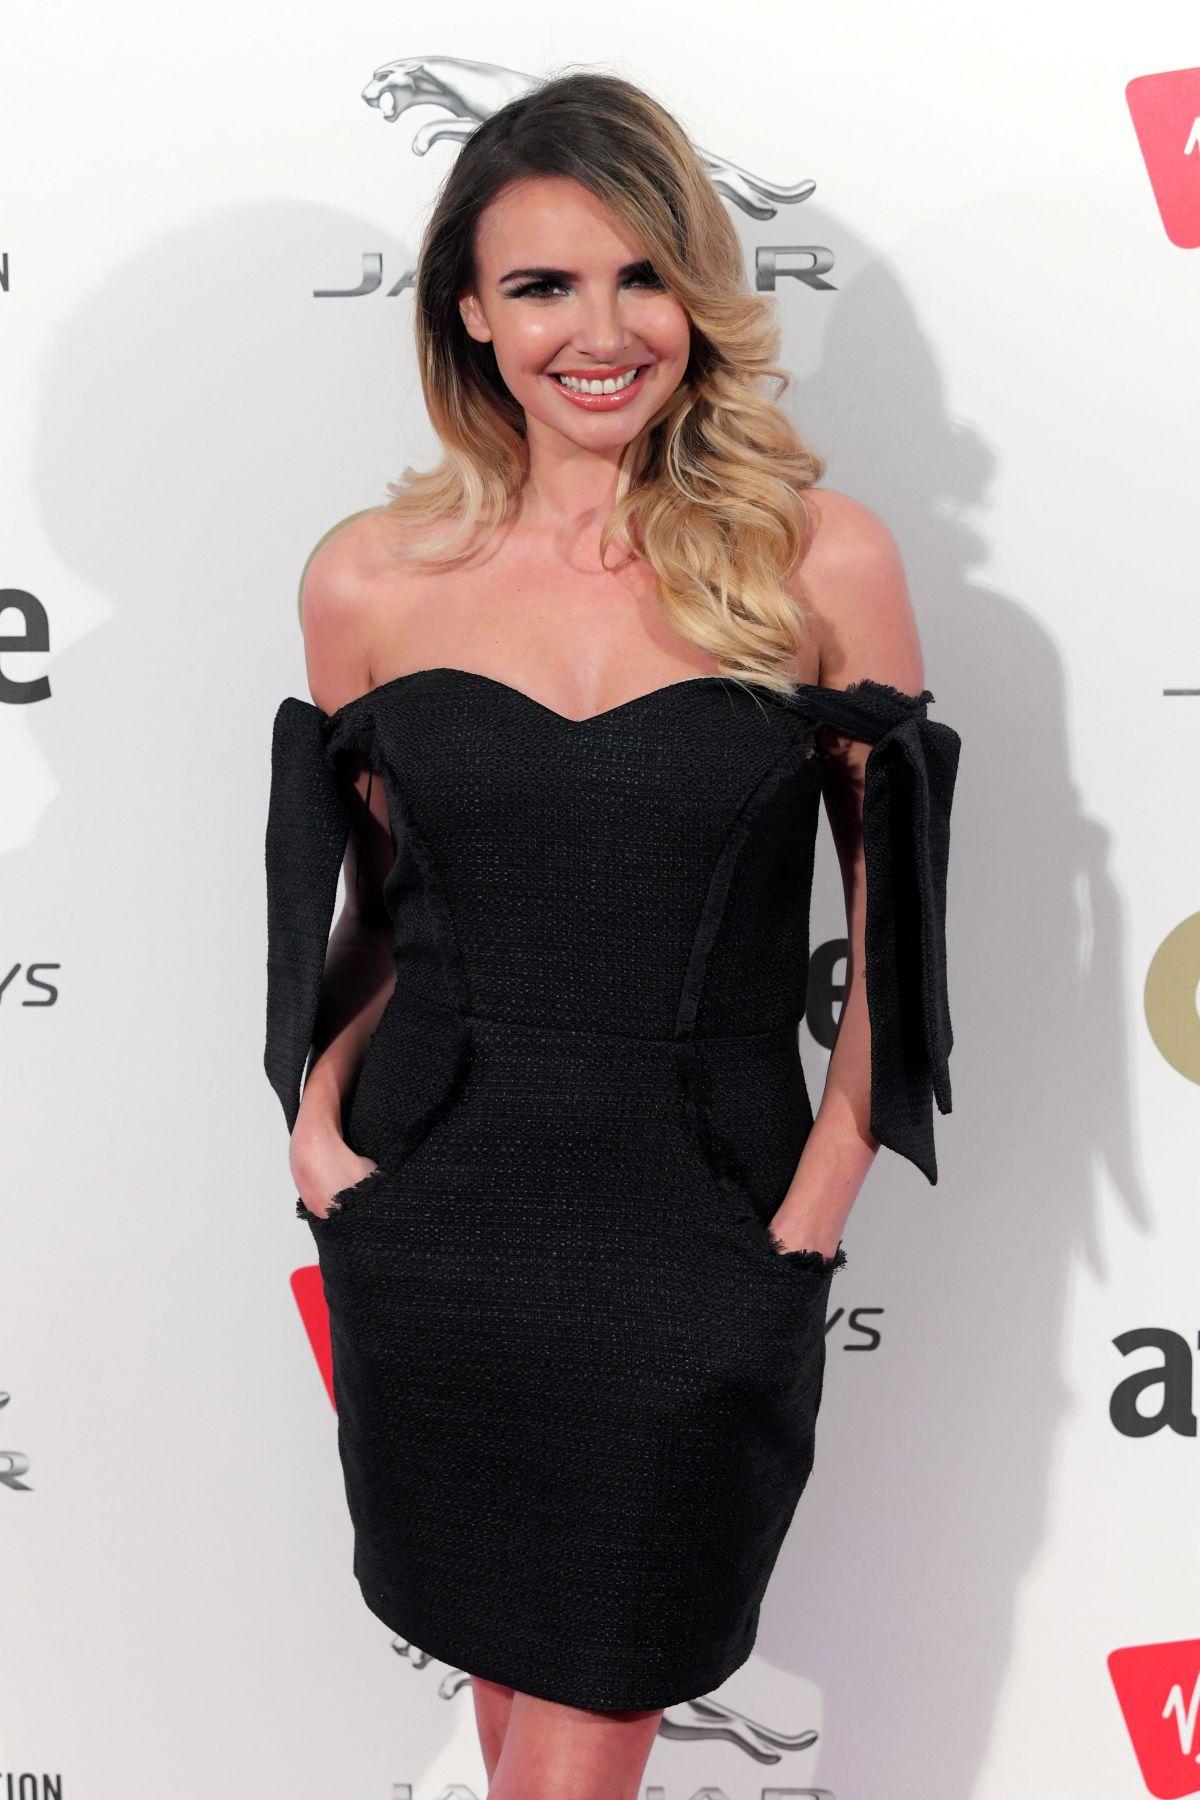 Nadine coyle attitude magazine awards in london naked (82 photo), Instagram Celebrites photo